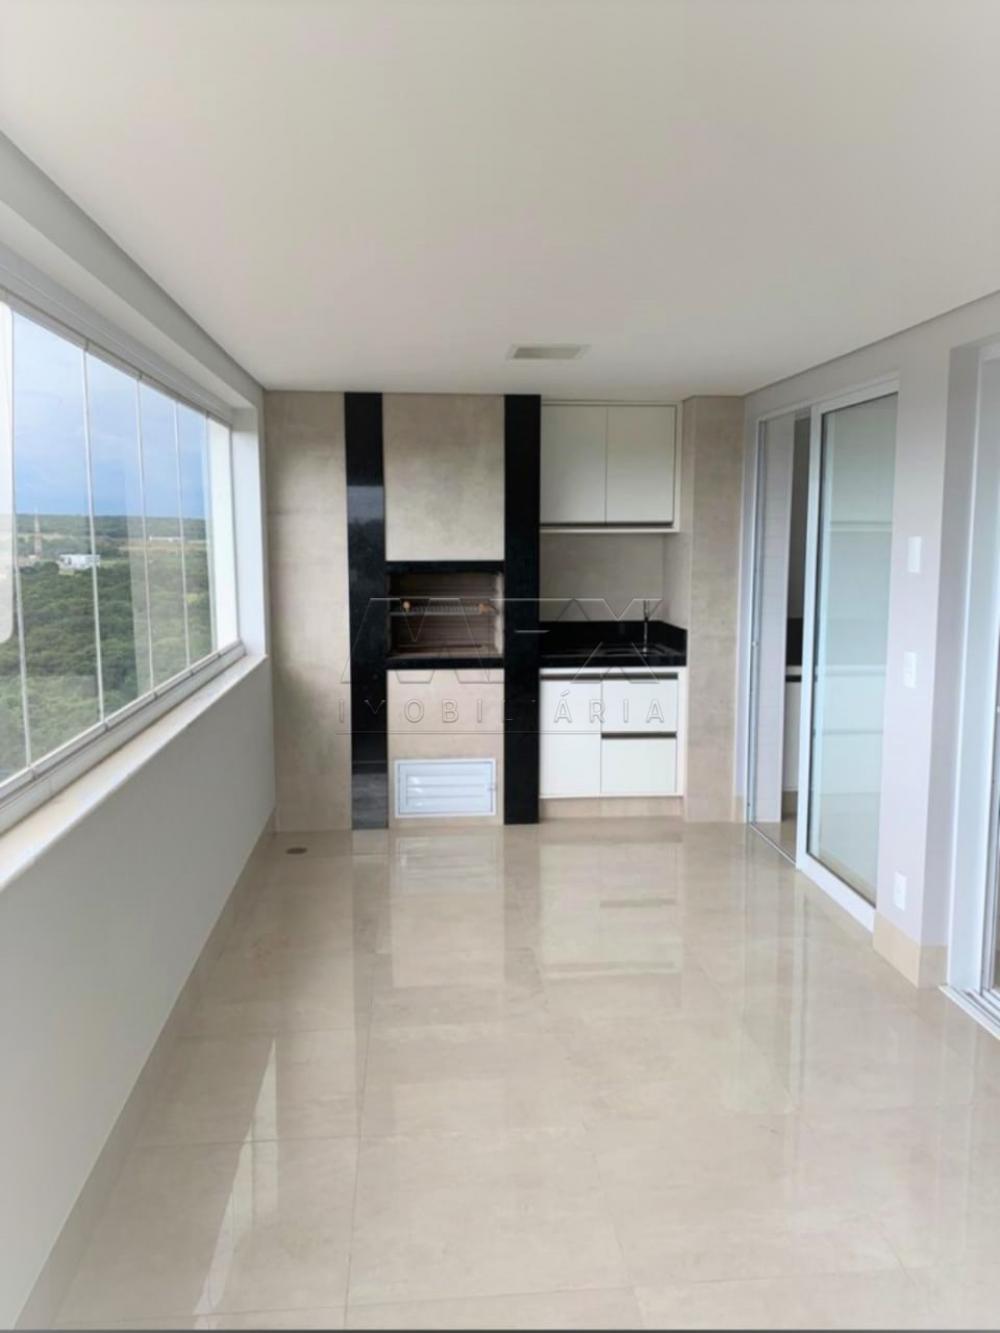 Alugar Apartamento / Padrão em Bauru apenas R$ 3.500,00 - Foto 1